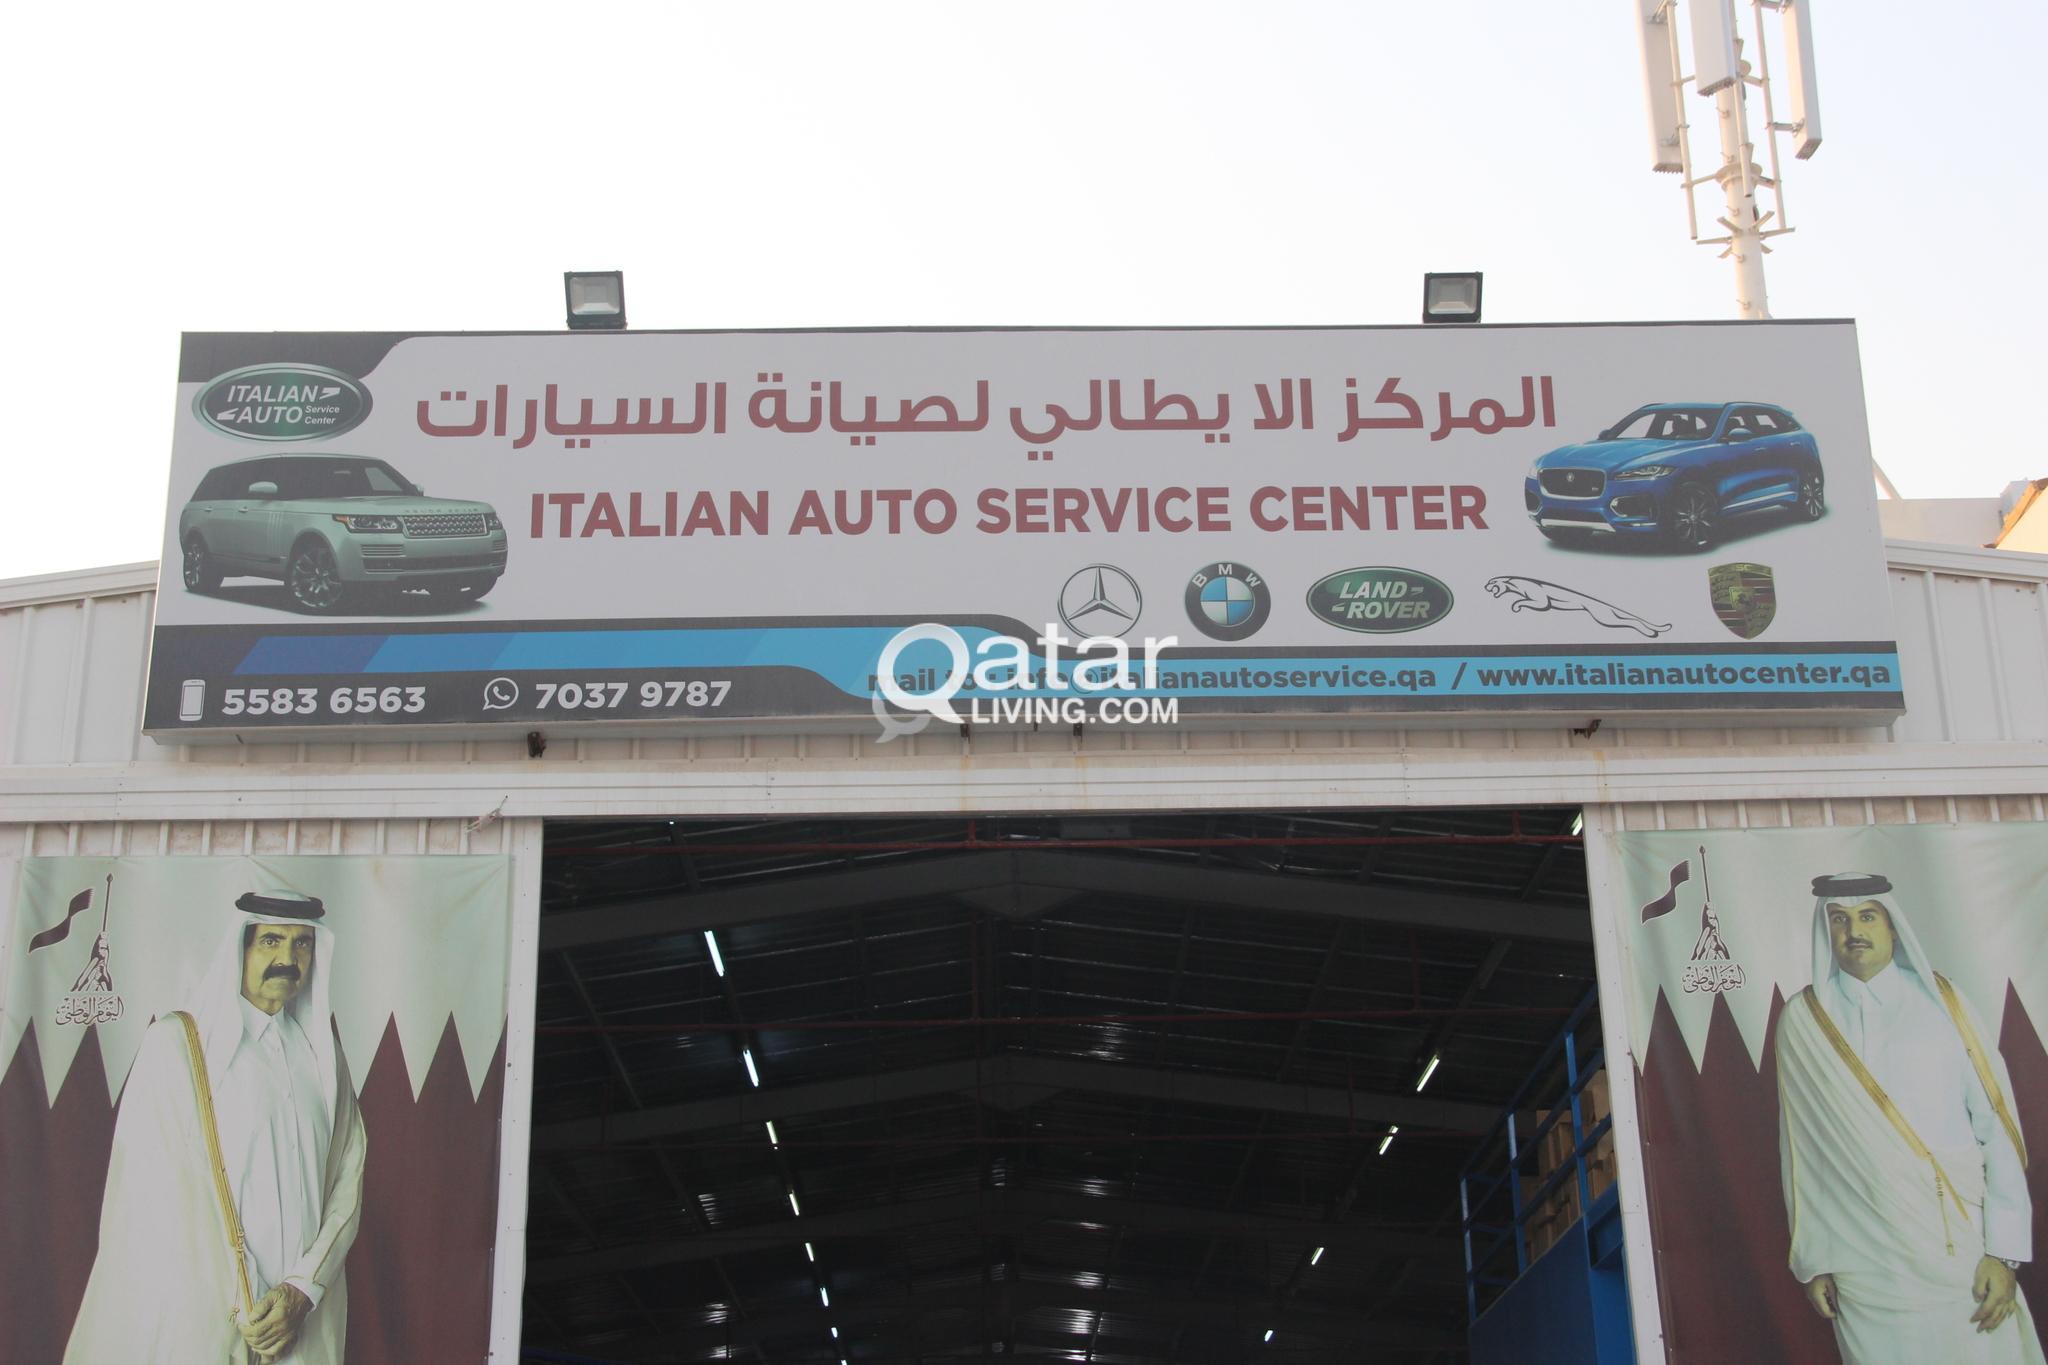 ITALIAN AUTO SERVICE CENTER